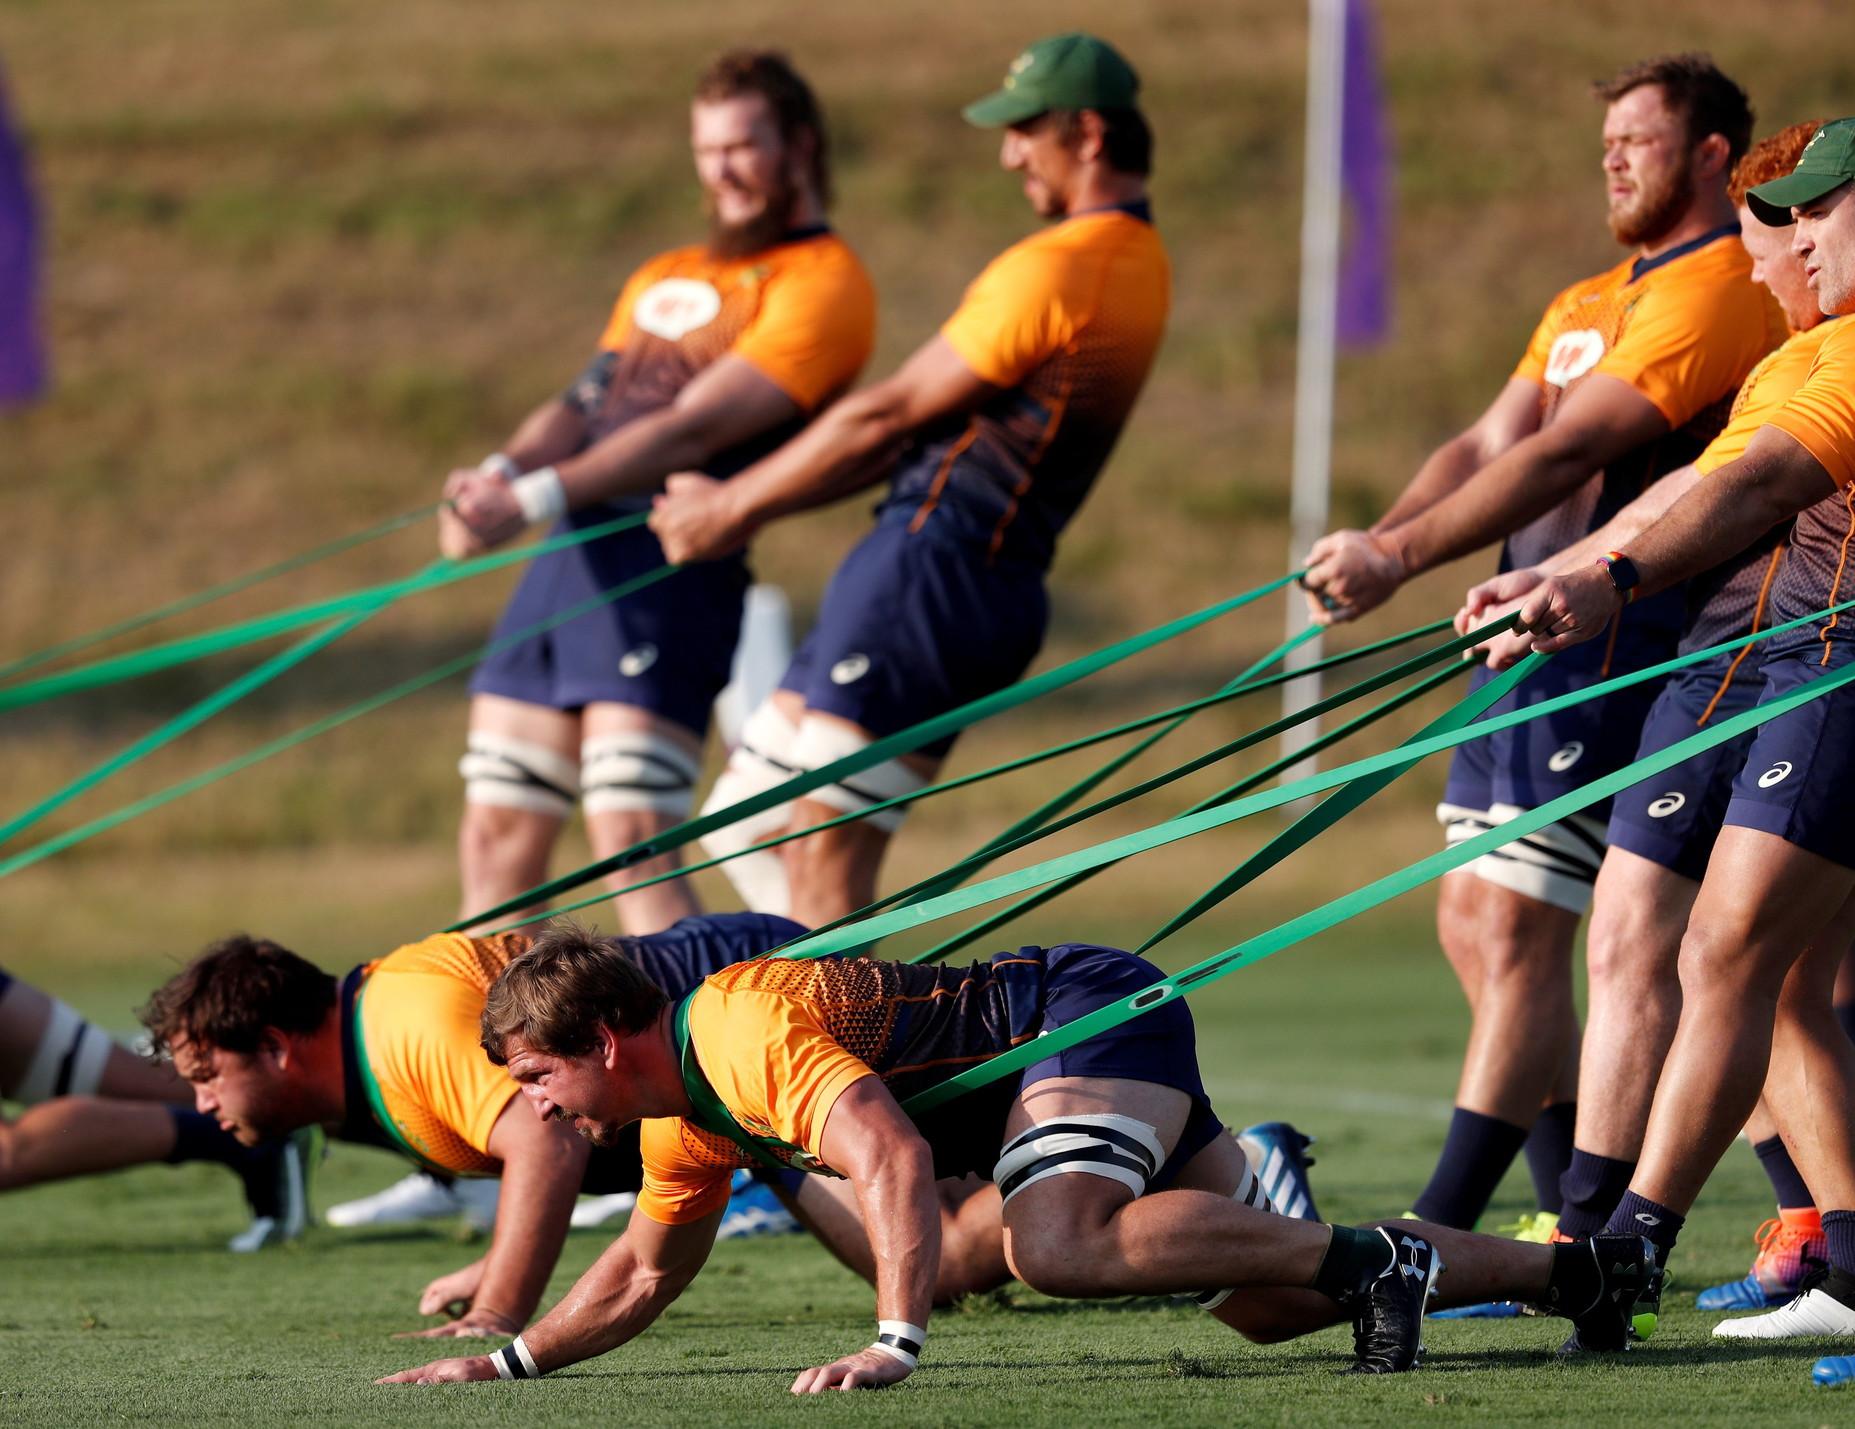 Il Sudafrica prepara il match di venerd&igrave; a Shizuoka. Gli&nbsp;Springboks affronteranno l&#39;Italia del rugby in un match decisivo per il passaggio ai playoff dei Mondiali in Giappone.&nbsp;<br /><br />